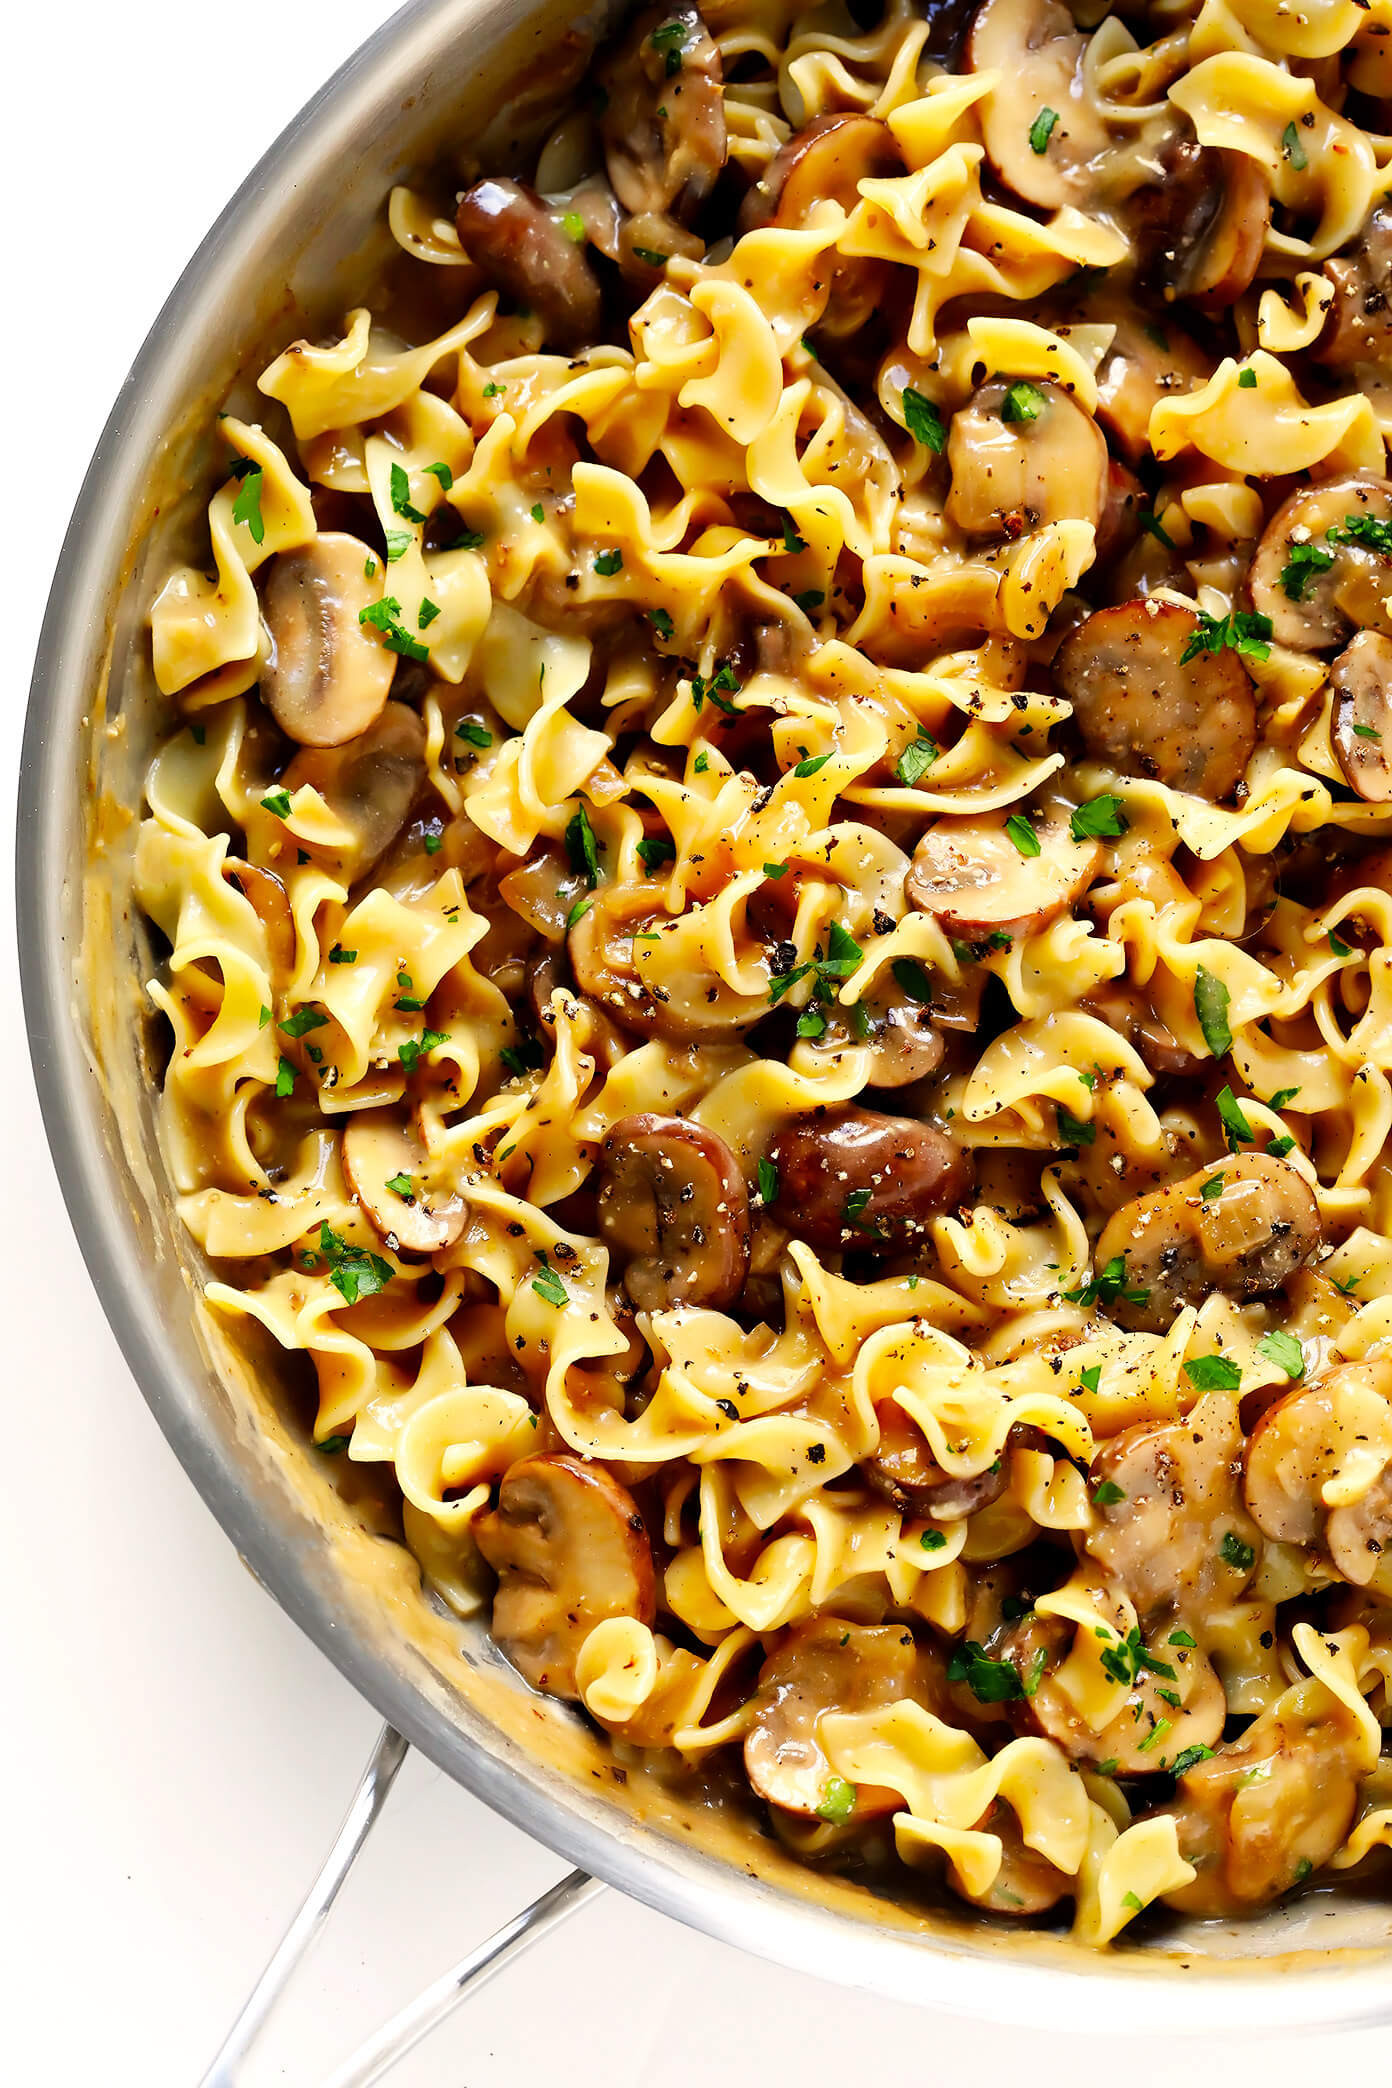 Mushroom Recipes Vegetarian  Mushroom Stroganoff